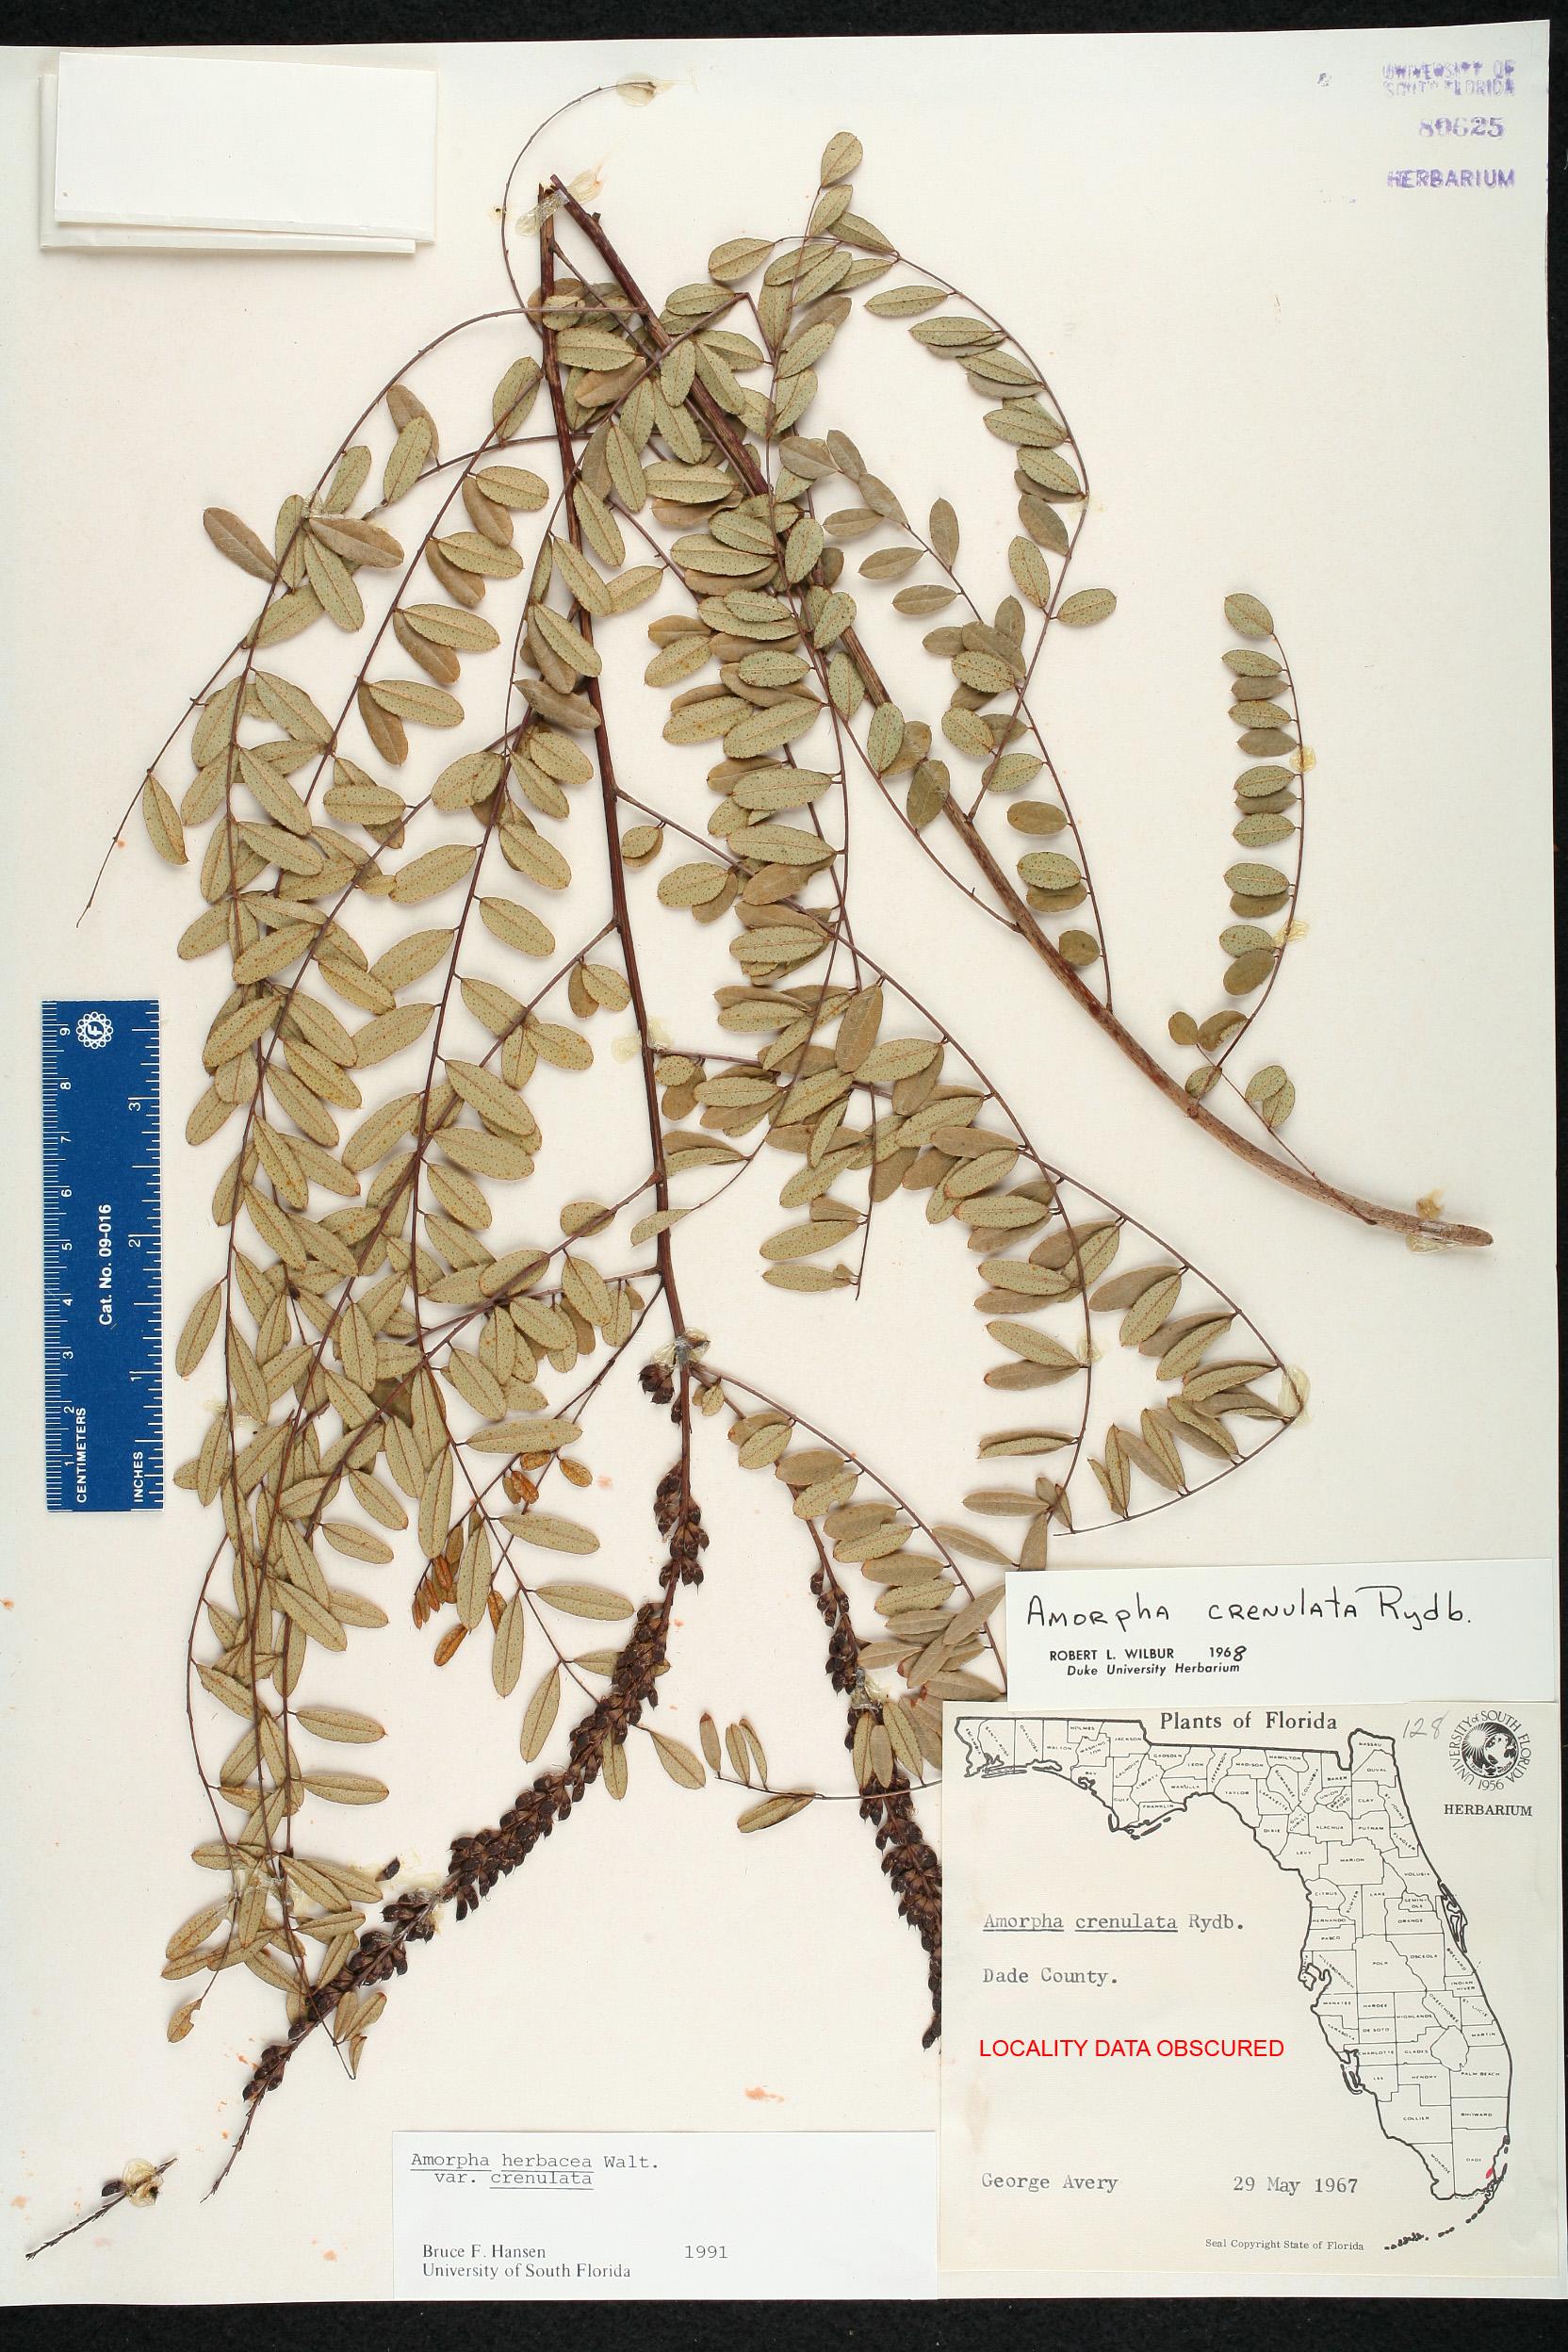 South Florida County Map.Amorpha Herbacea Var Crenulata Species Page Isb Atlas Of